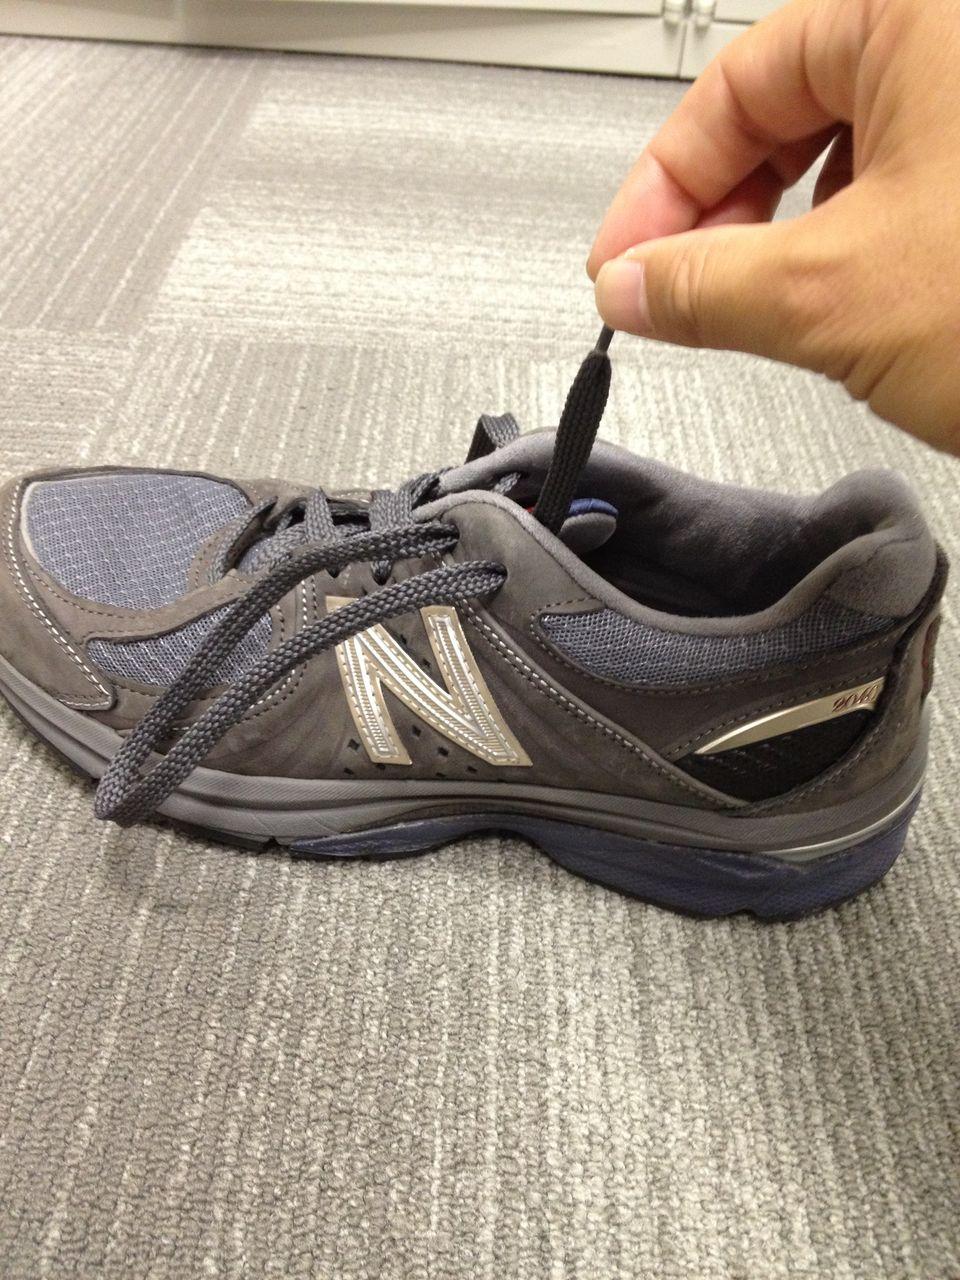 結び方 ニューバランス 紐 スポーツシューズの靴紐の通し方6つ|運動靴/バッシュ/スニーカー